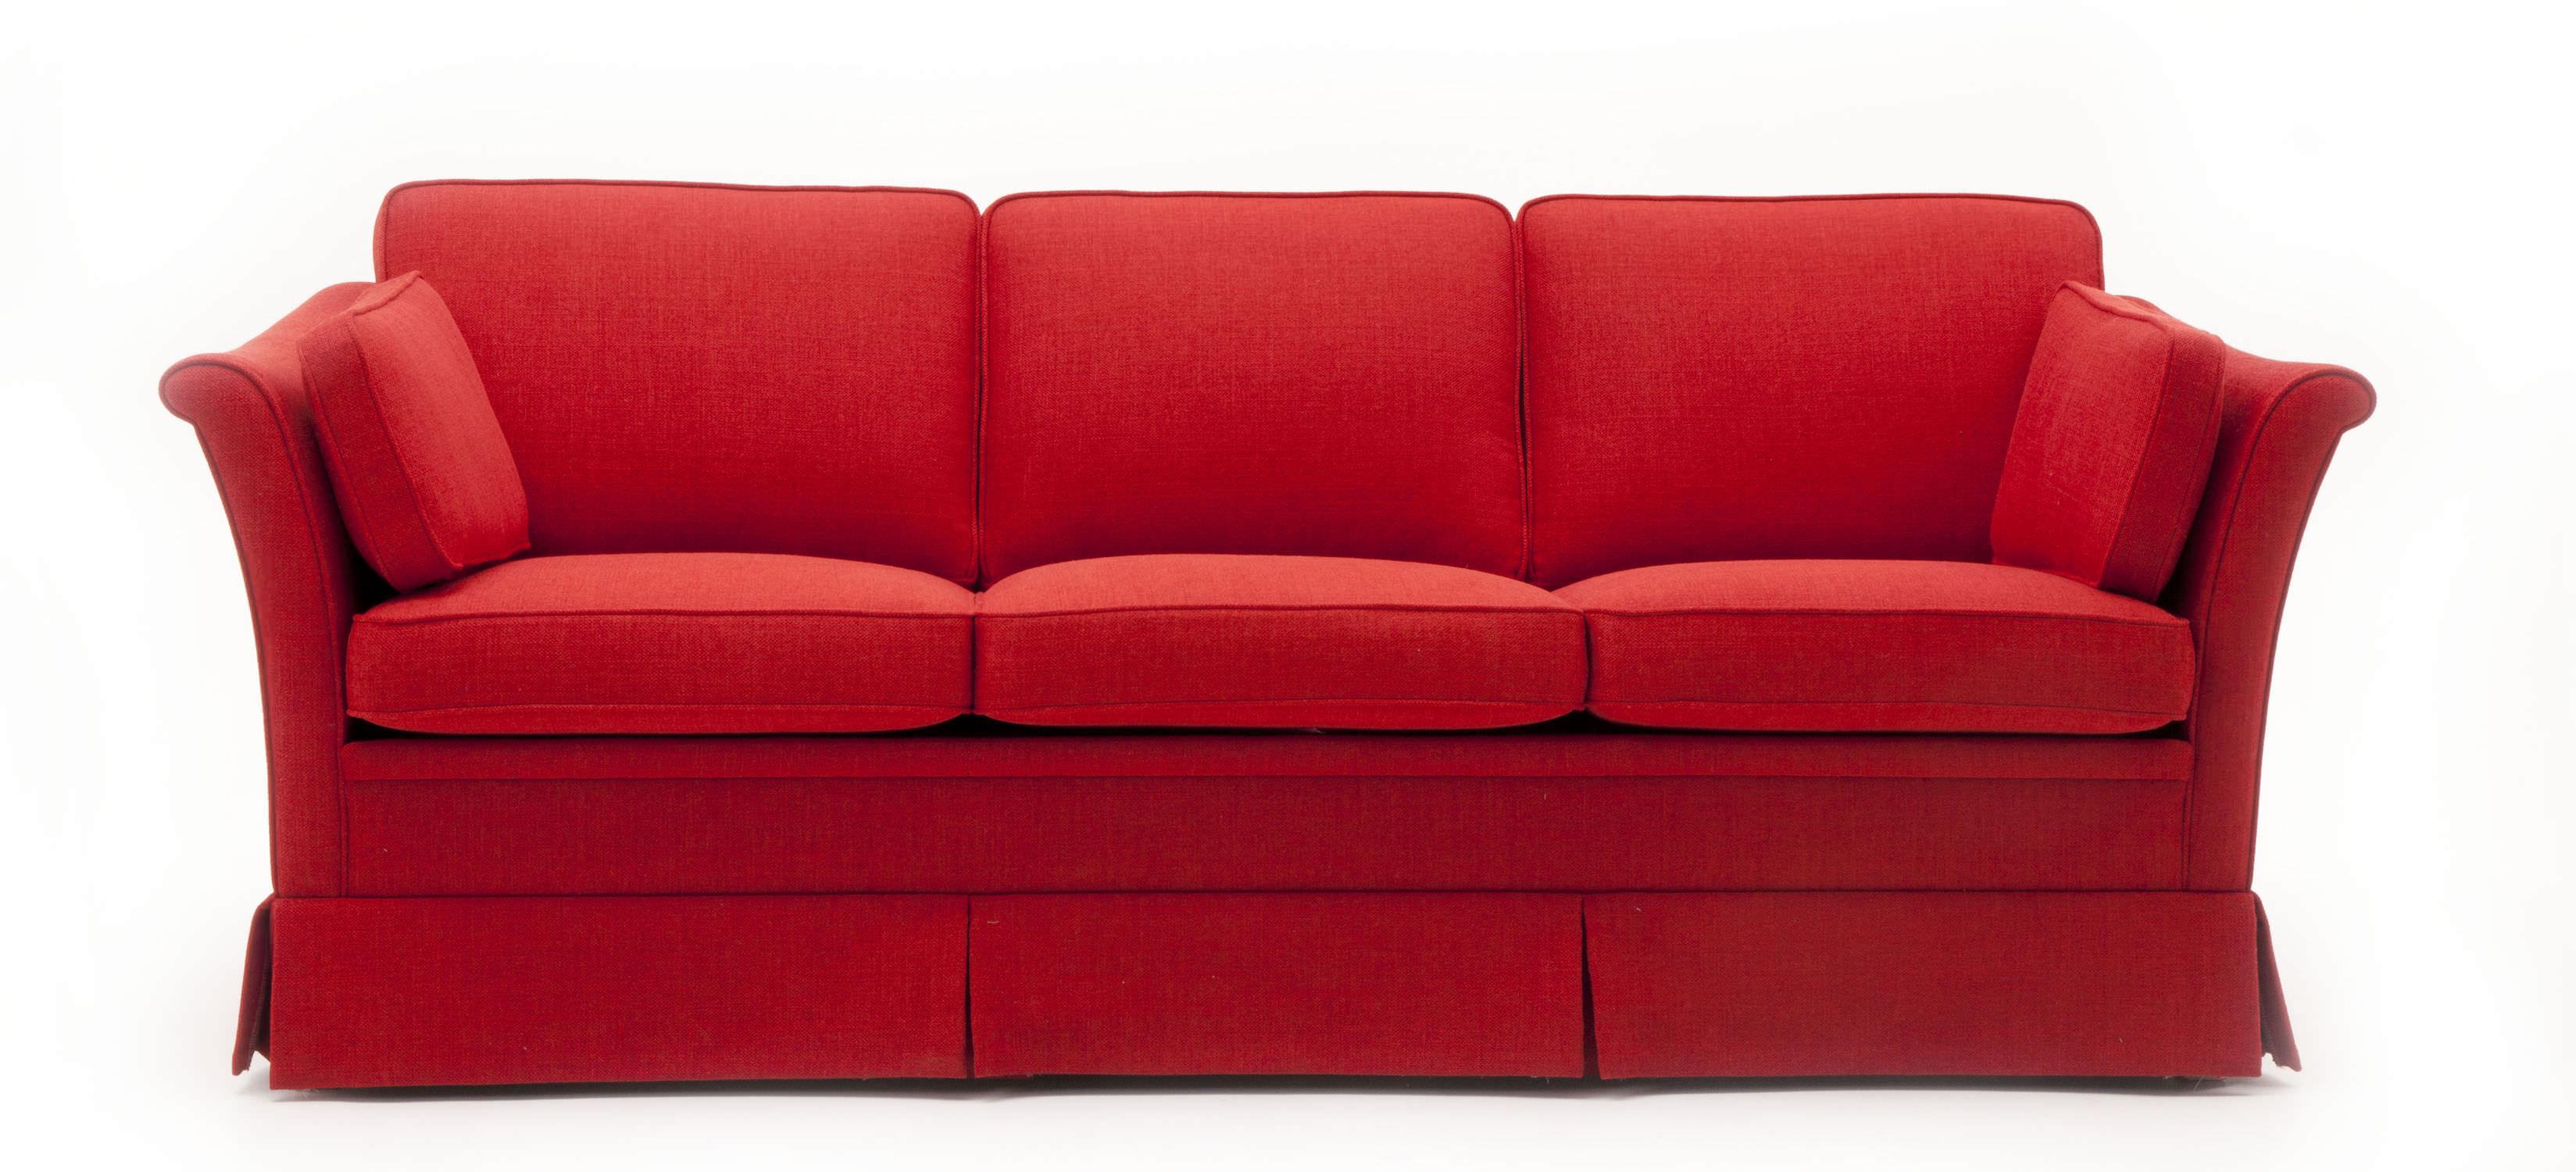 Bemerkenswert Sofa Mit Abnehmbaren Bezug Sammlung Von Klassisches / Stoff / 3 Plätze /